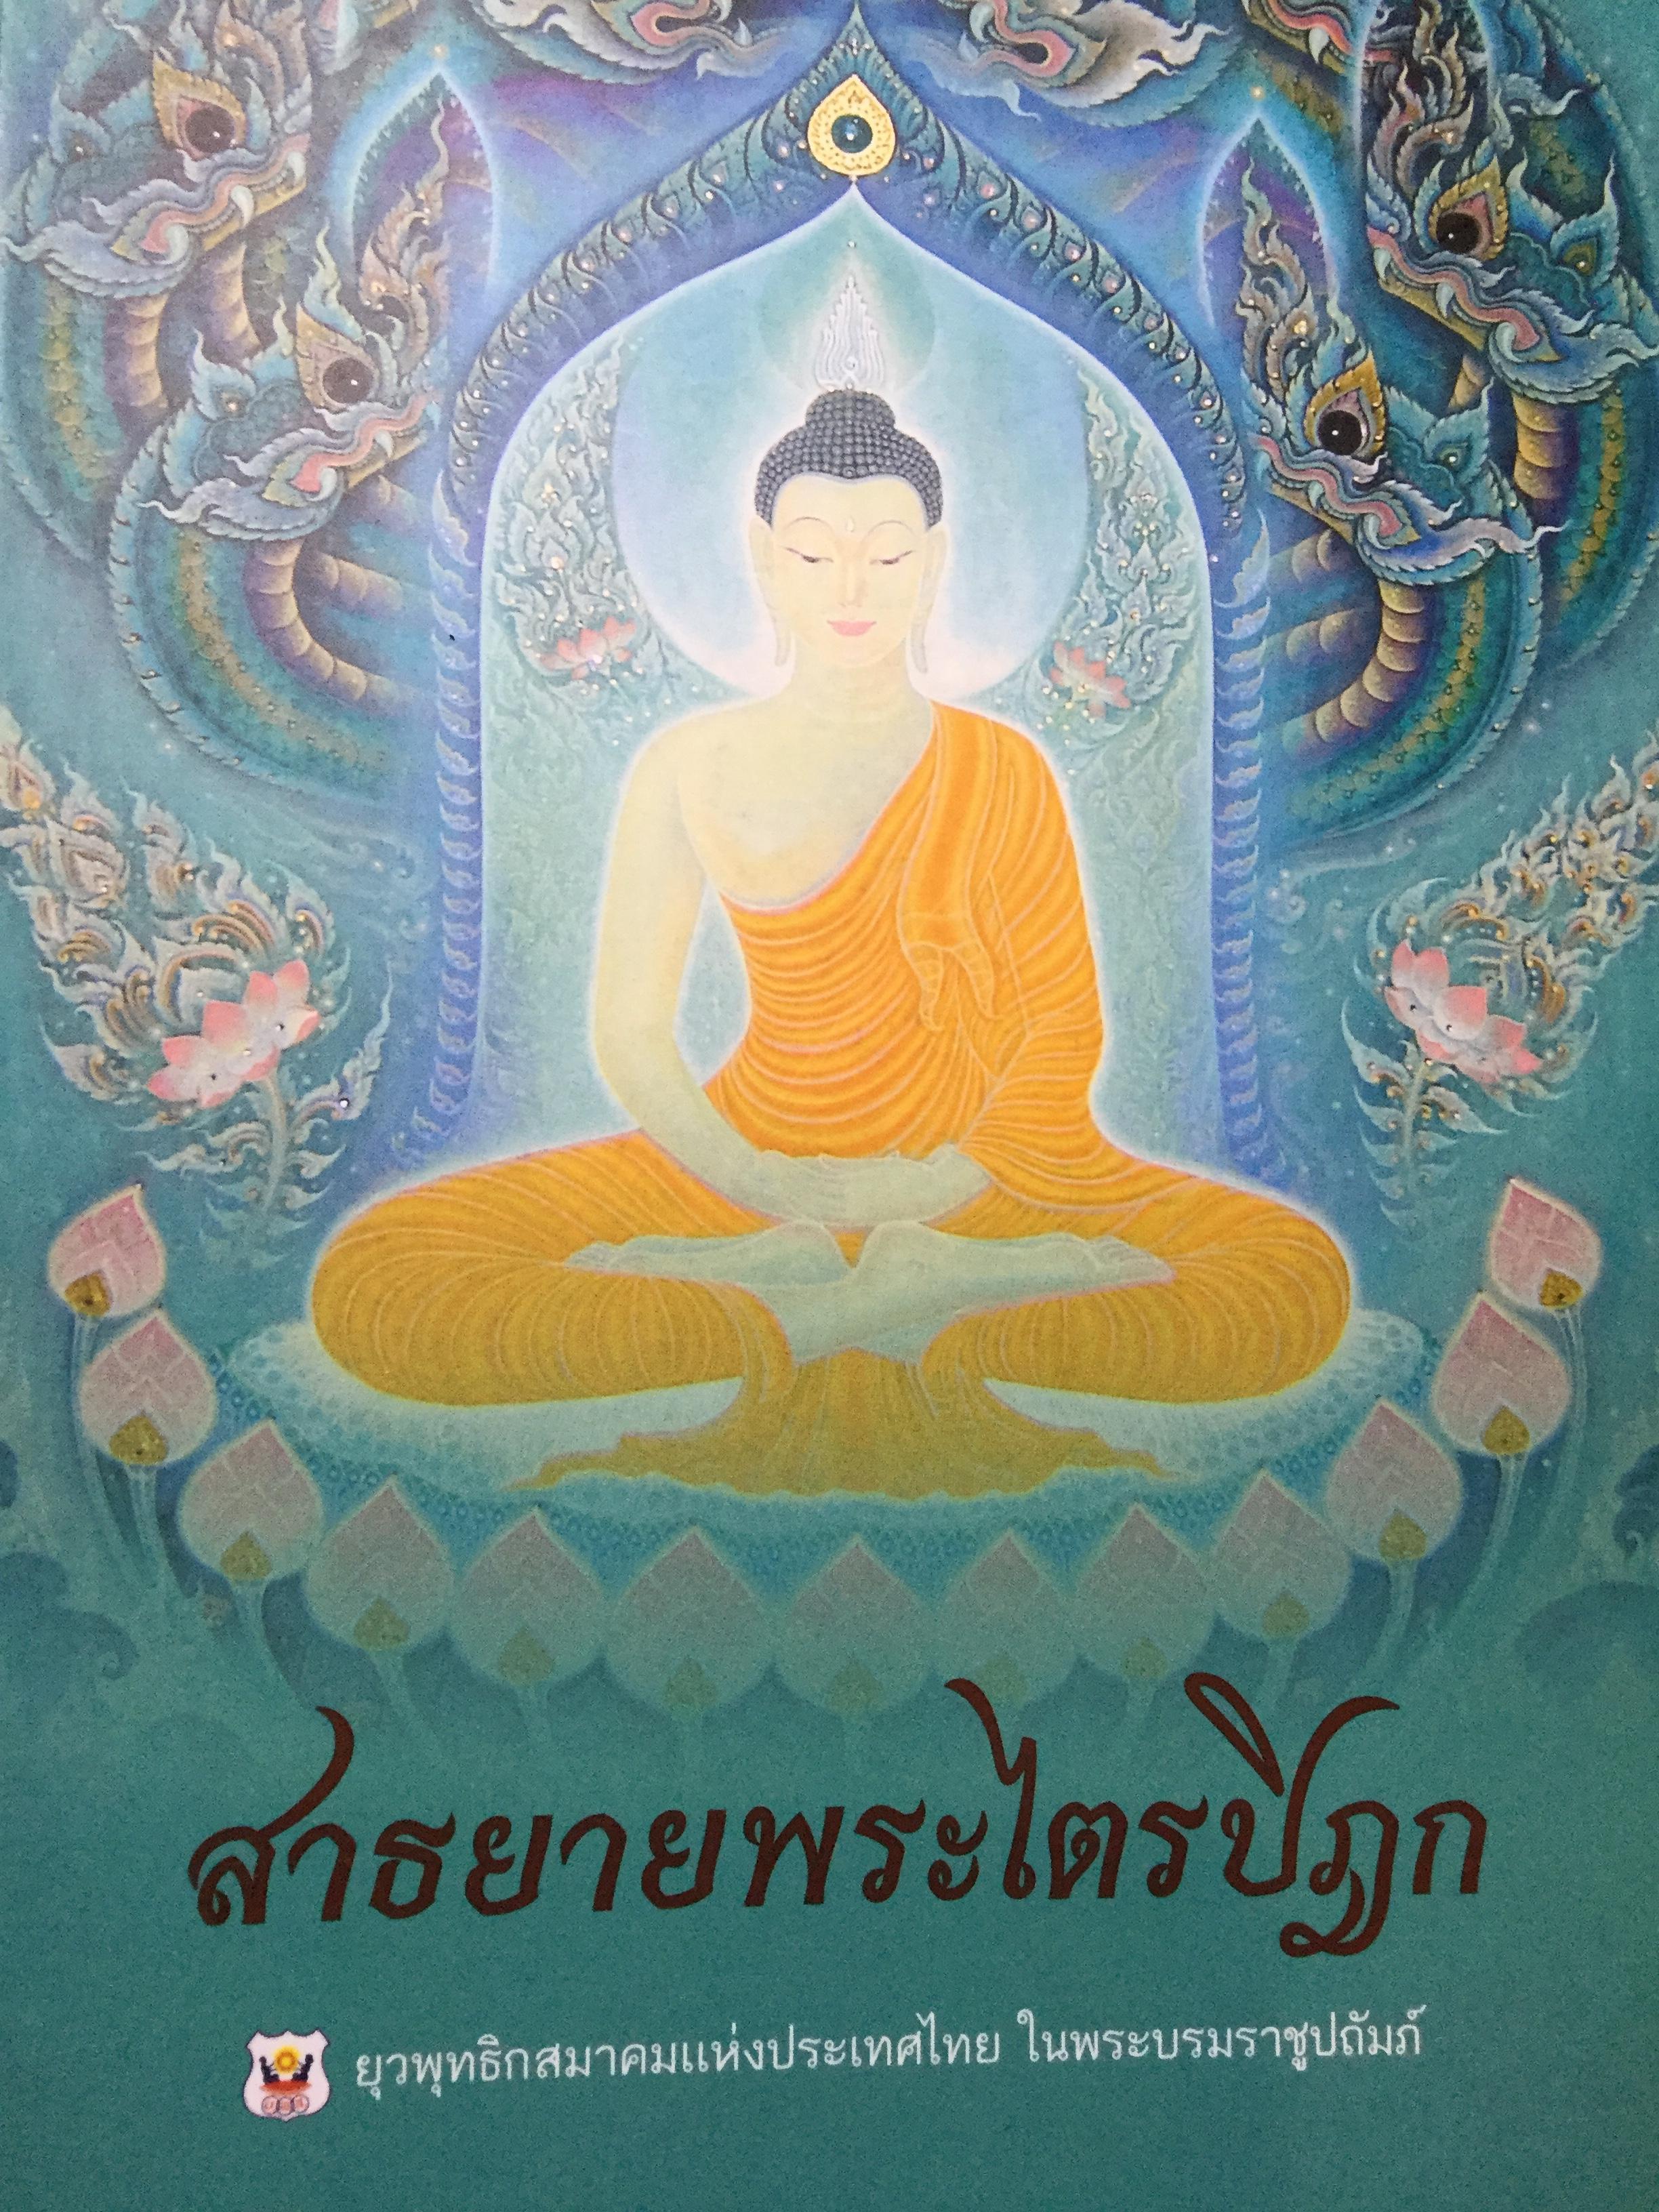 สาธยายพระะไตรปิฎก ยุวพุทธิกสมาคมแห่งประเทศไทย ในพระบรมราชชูปถัมภ์